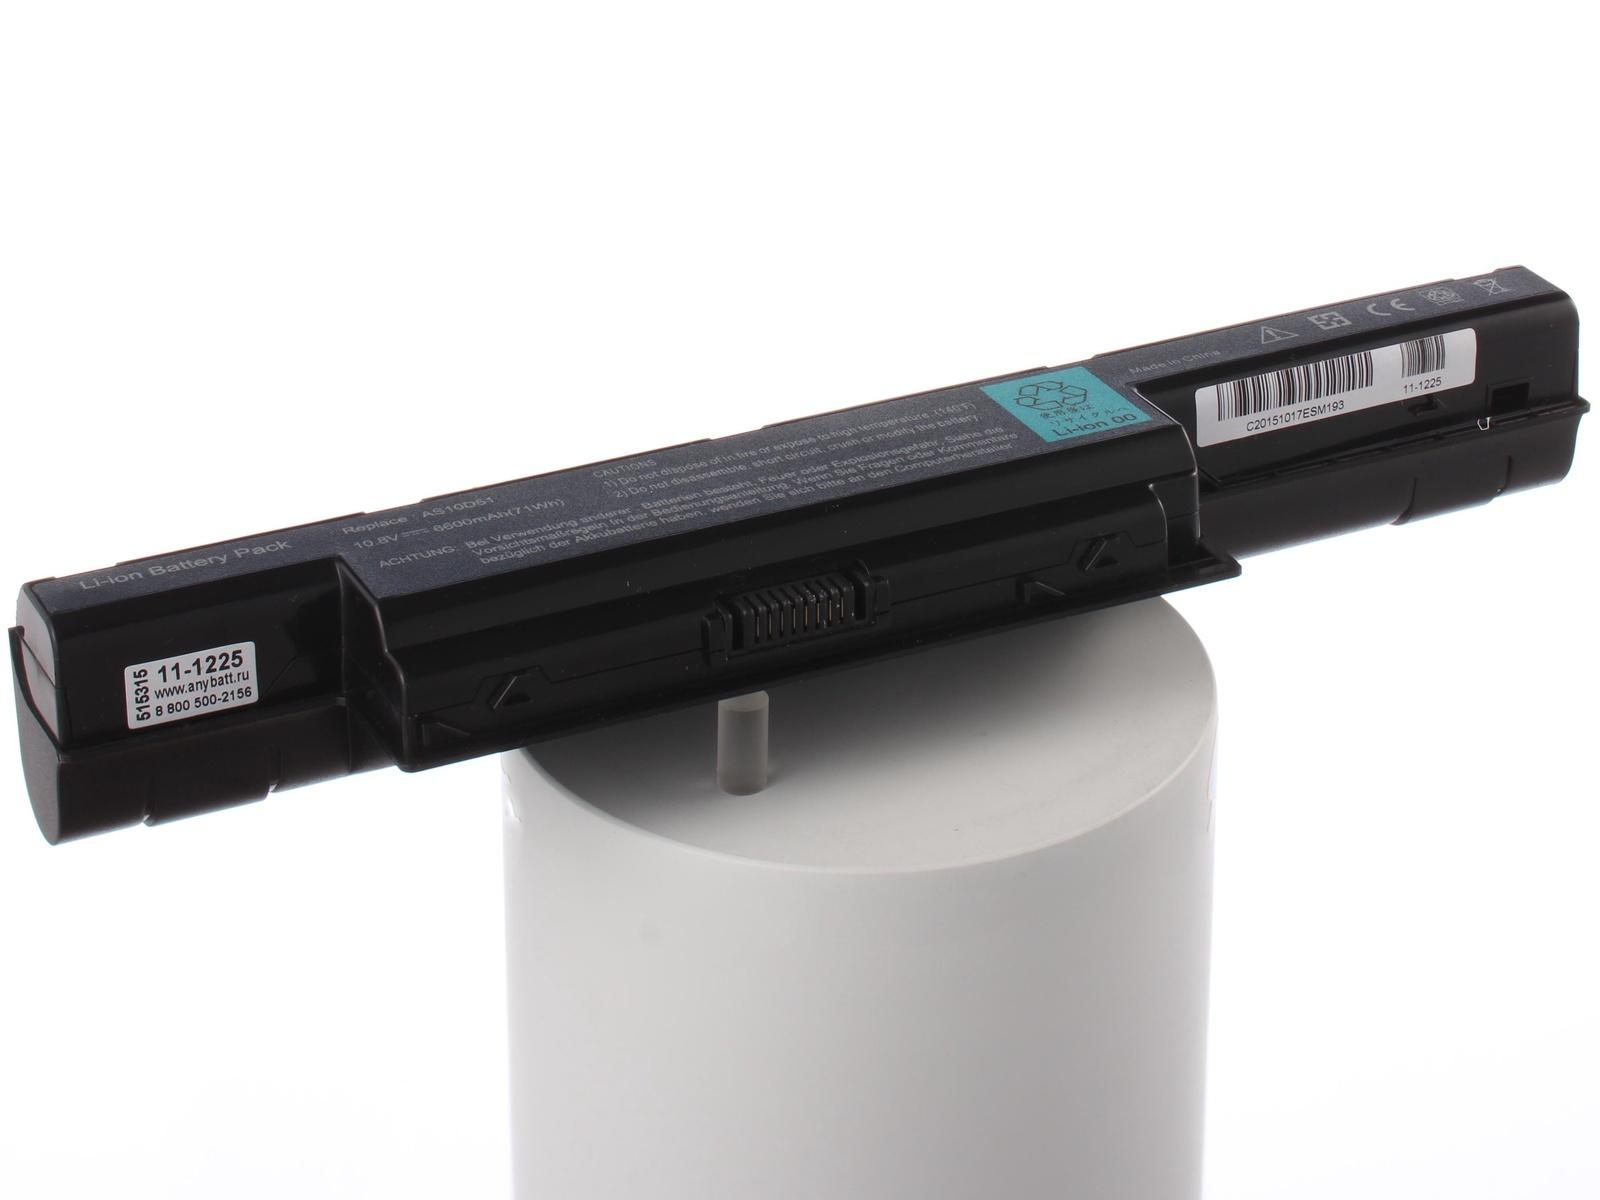 Аккумулятор для ноутбука AnyBatt для Acer Aspire 7551G-N834G32Mikk, Aspire 7552G-X924G1TMnkk, Aspire E1-521-21804G50Mn, Aspire E1-531G-B964G50Mnks, Aspire E1-532-29554G50Mn, Aspire E1-571-32354G50Mnks, Aspire E1-572-34014G50Mn мебель e1